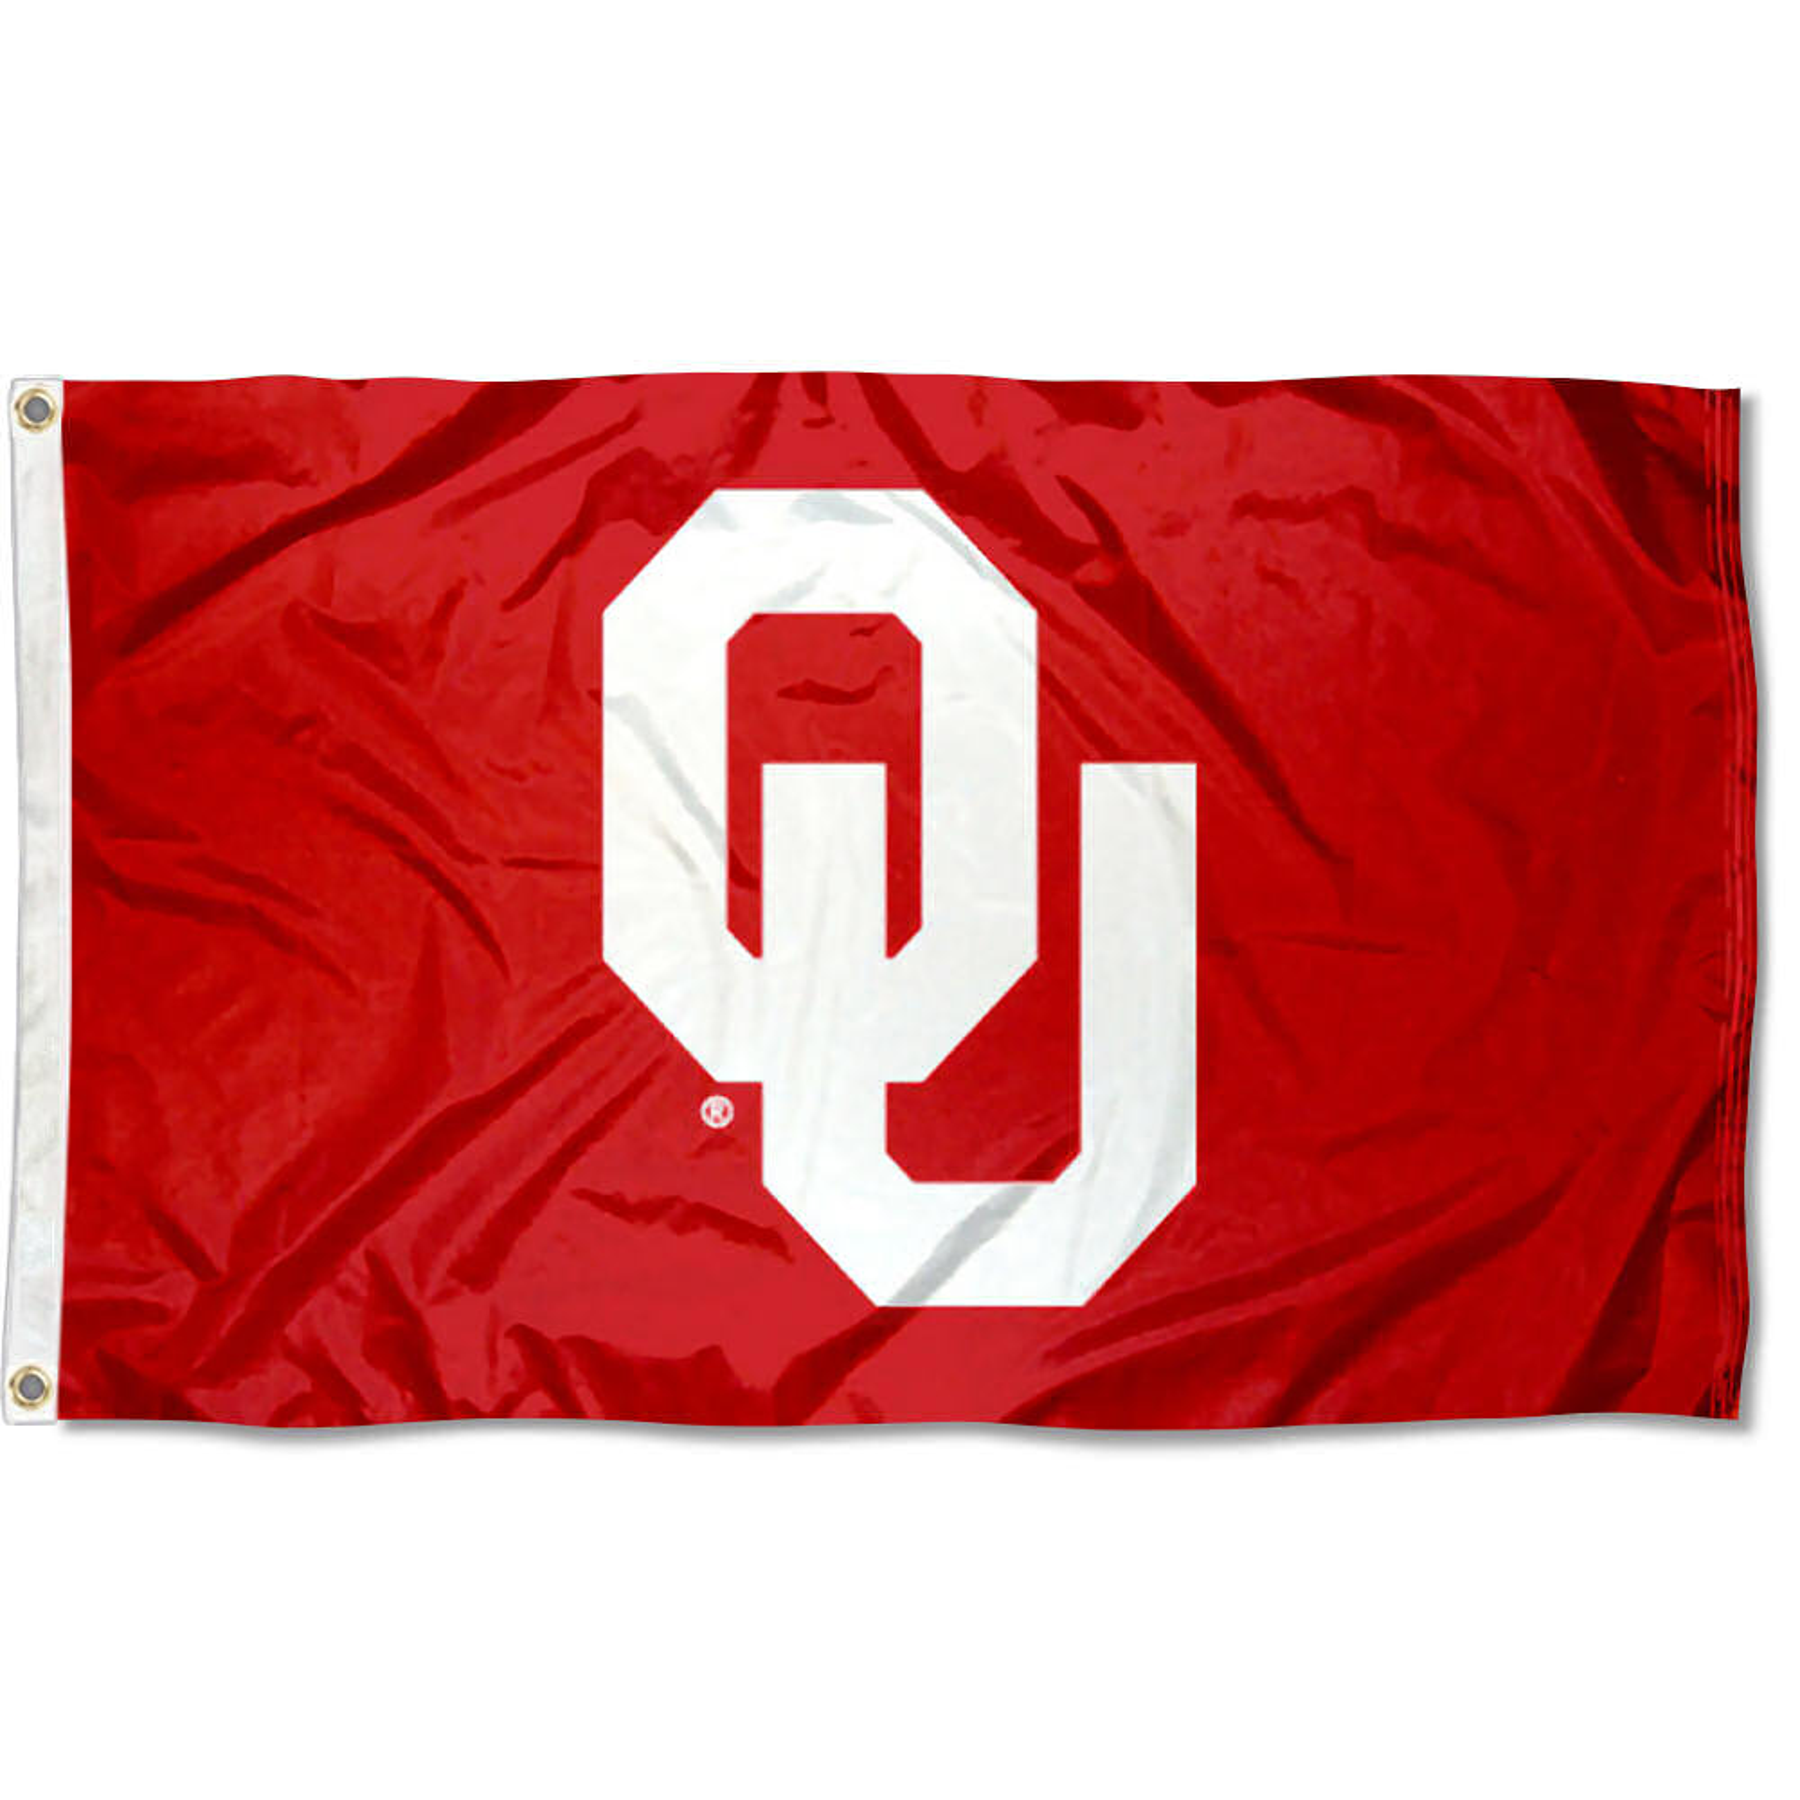 University of Oklahoma Sooners Flag OU Large 3x5